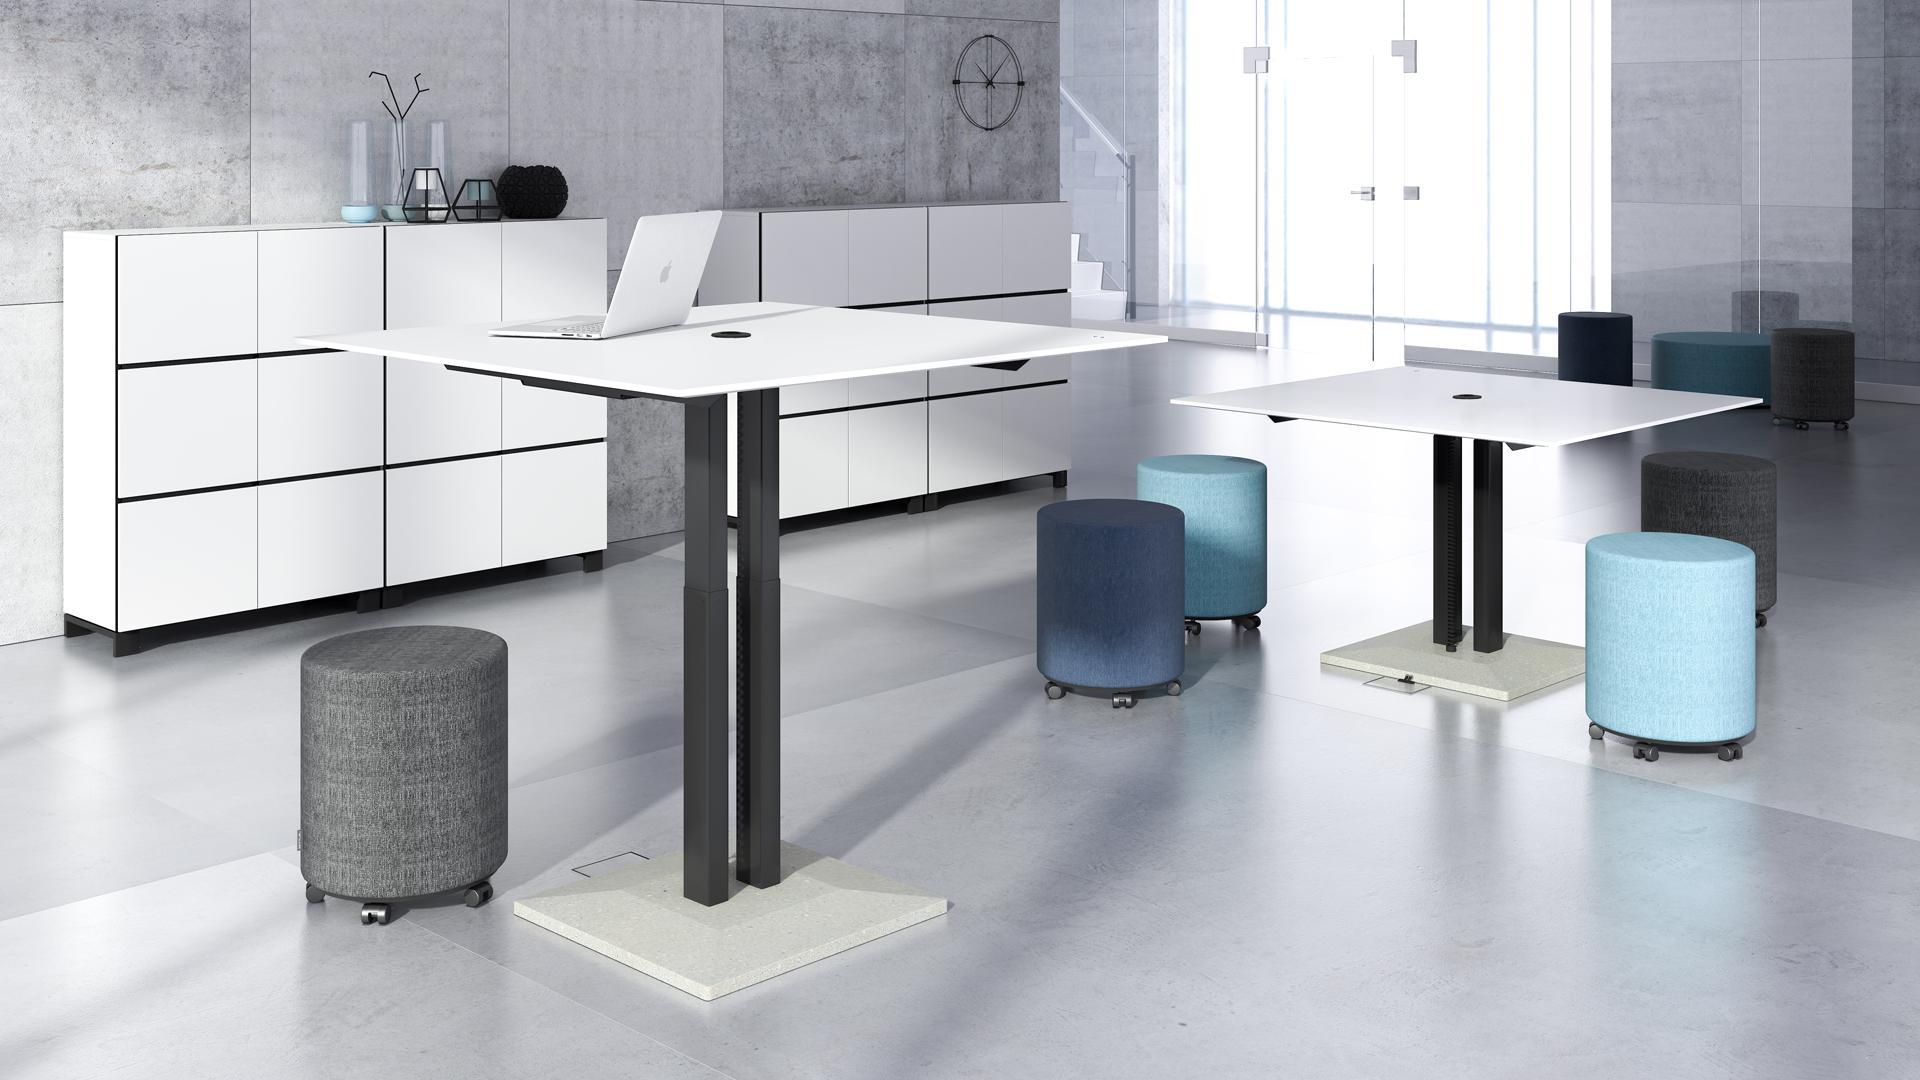 Augstumā regulējams apriežu galds ar betona pamatni kā dizaina akcentu